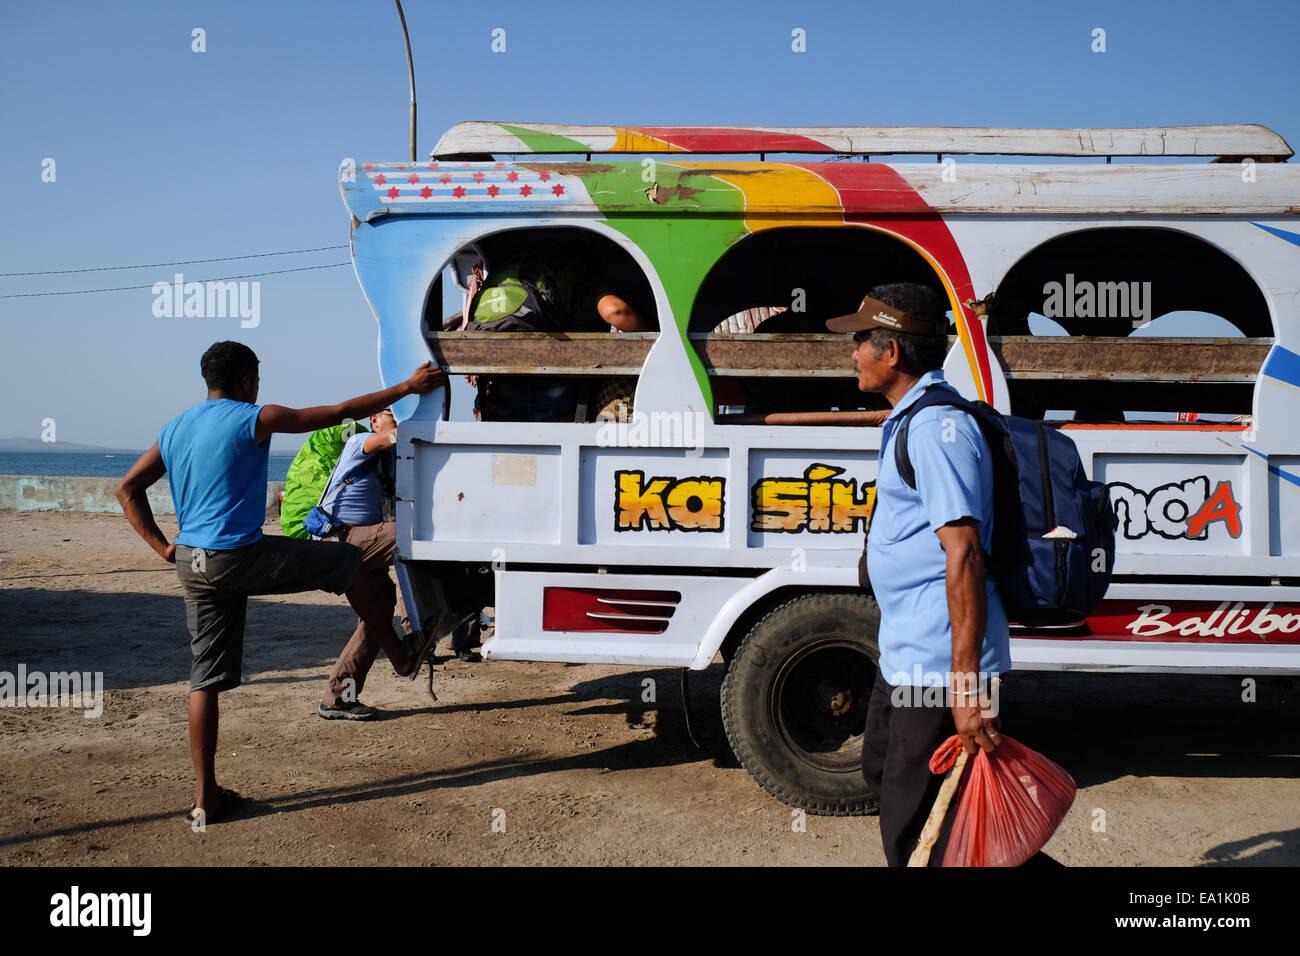 El transporte público en la ciudad, Lewoleba Lembata Isla, Indonesia. Imagen De Stock